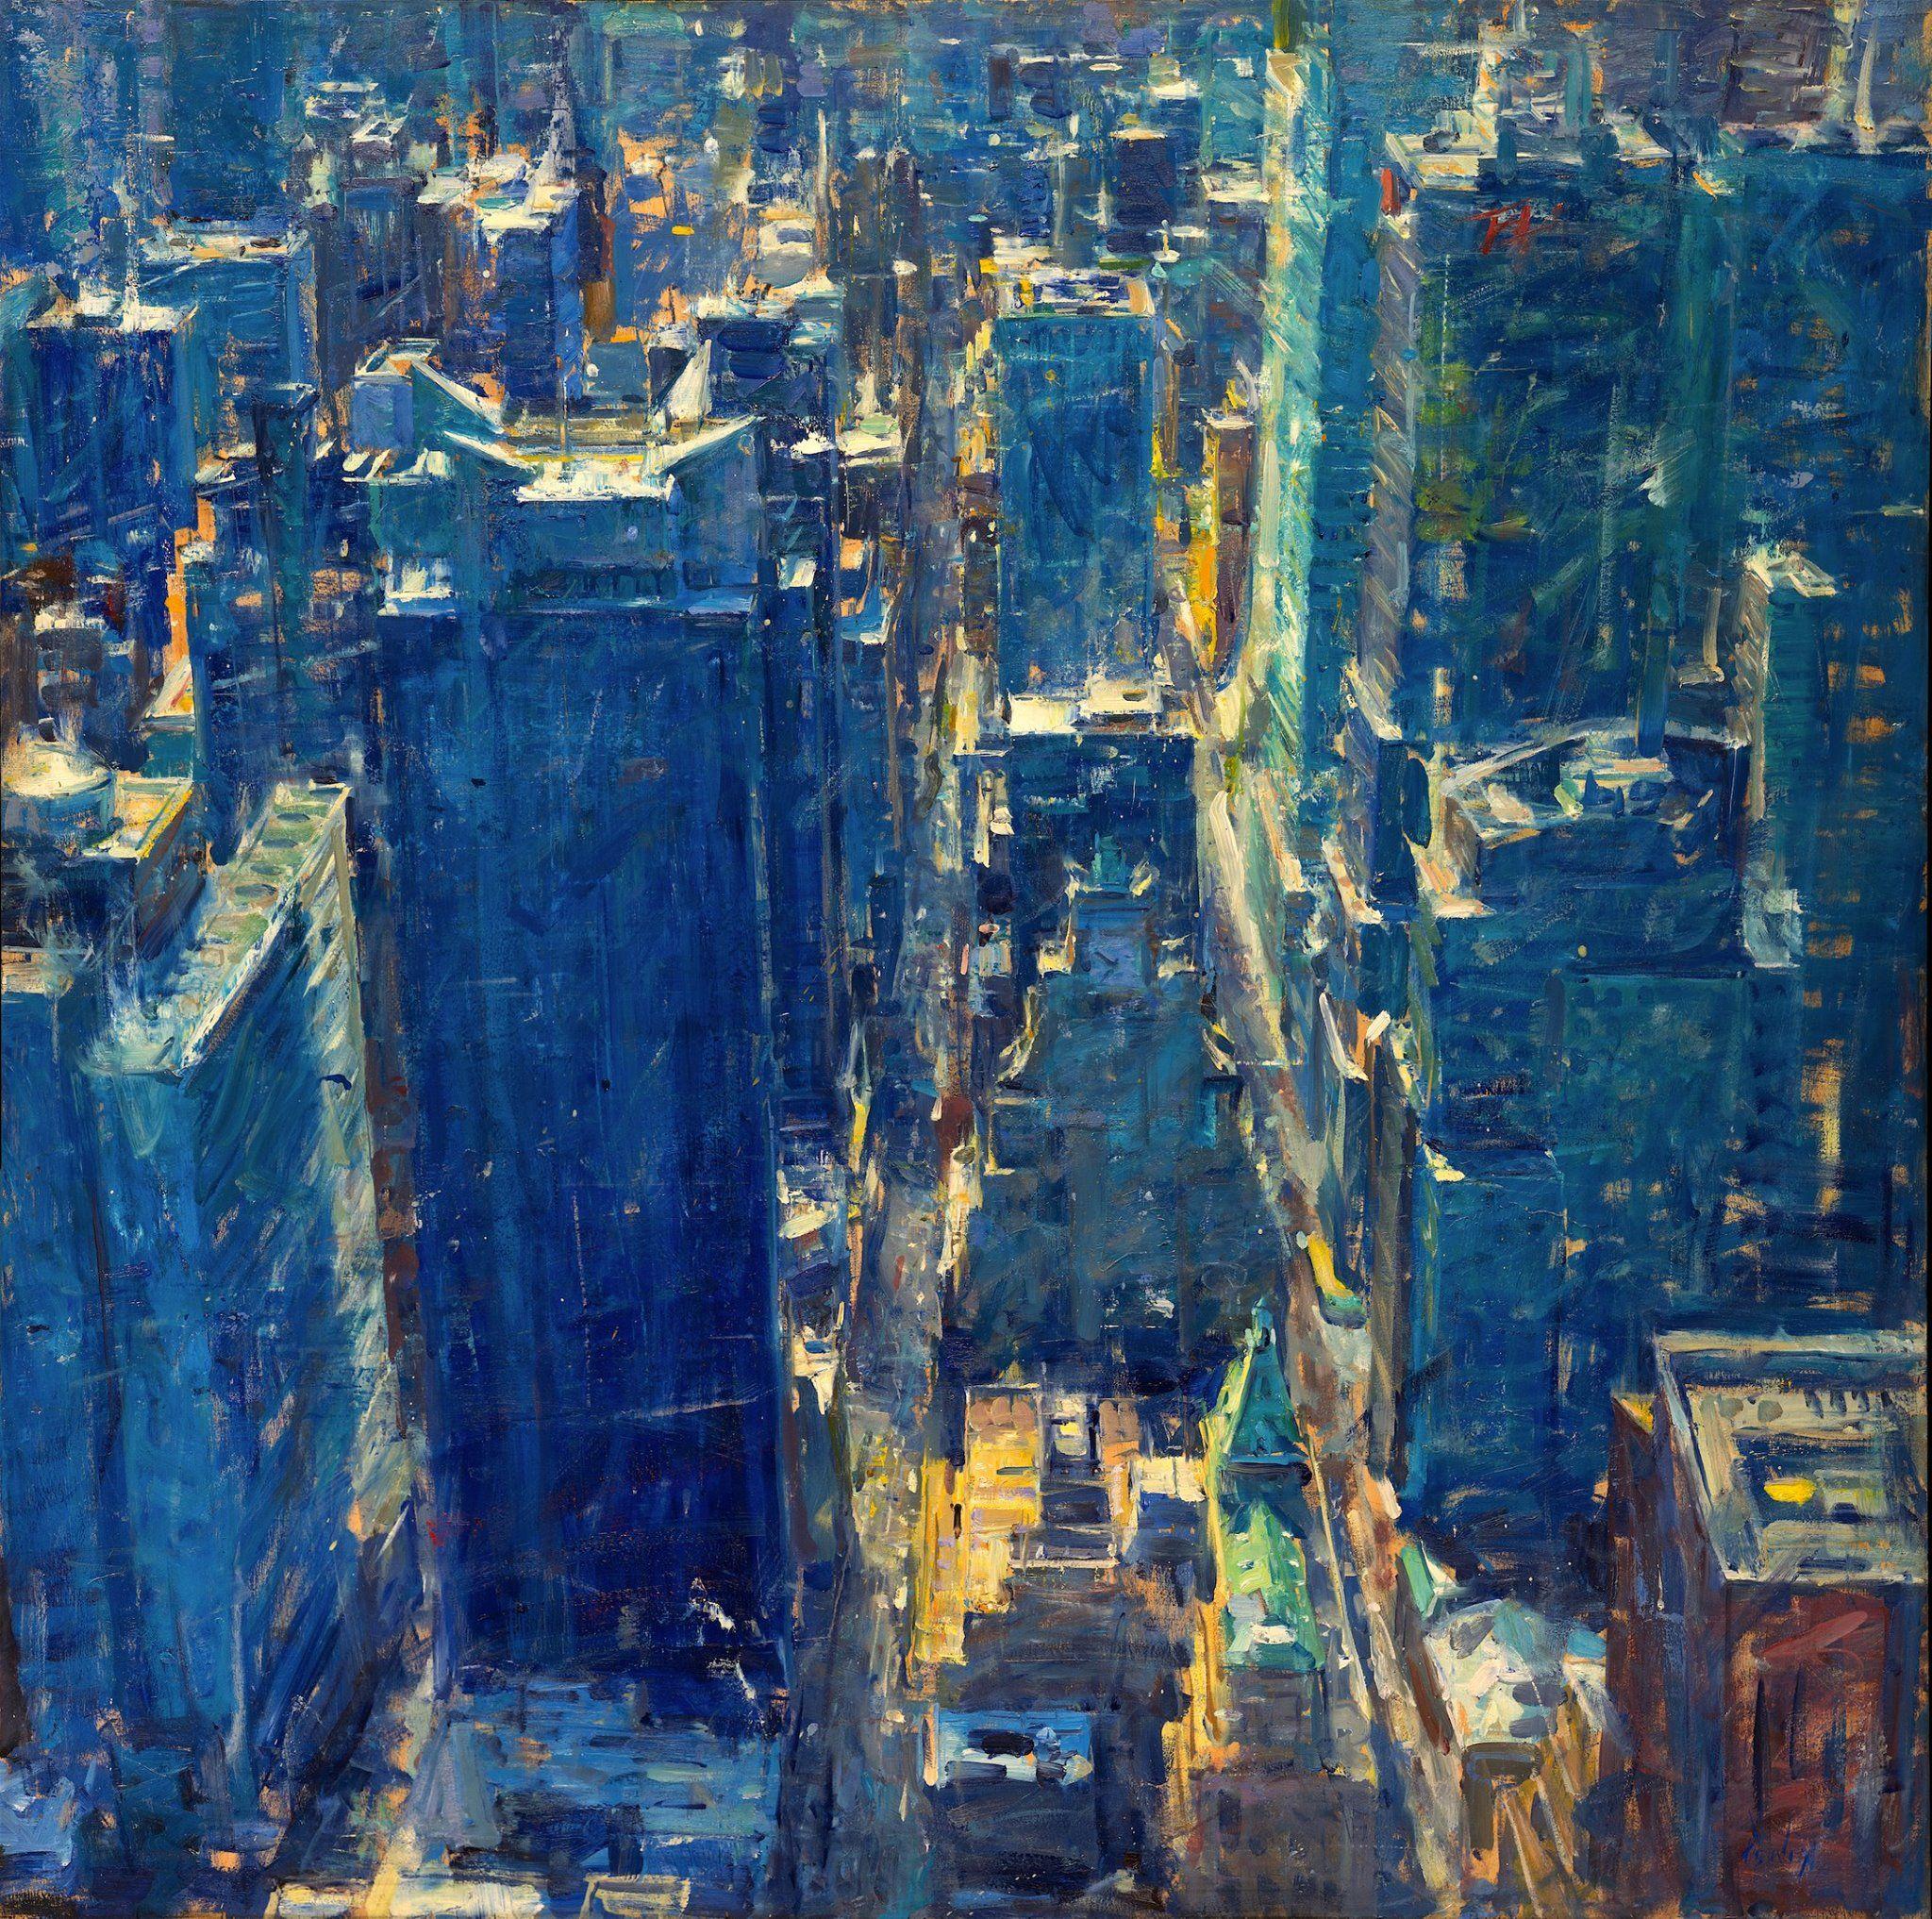 Derek penix painting competition painting urban landscape